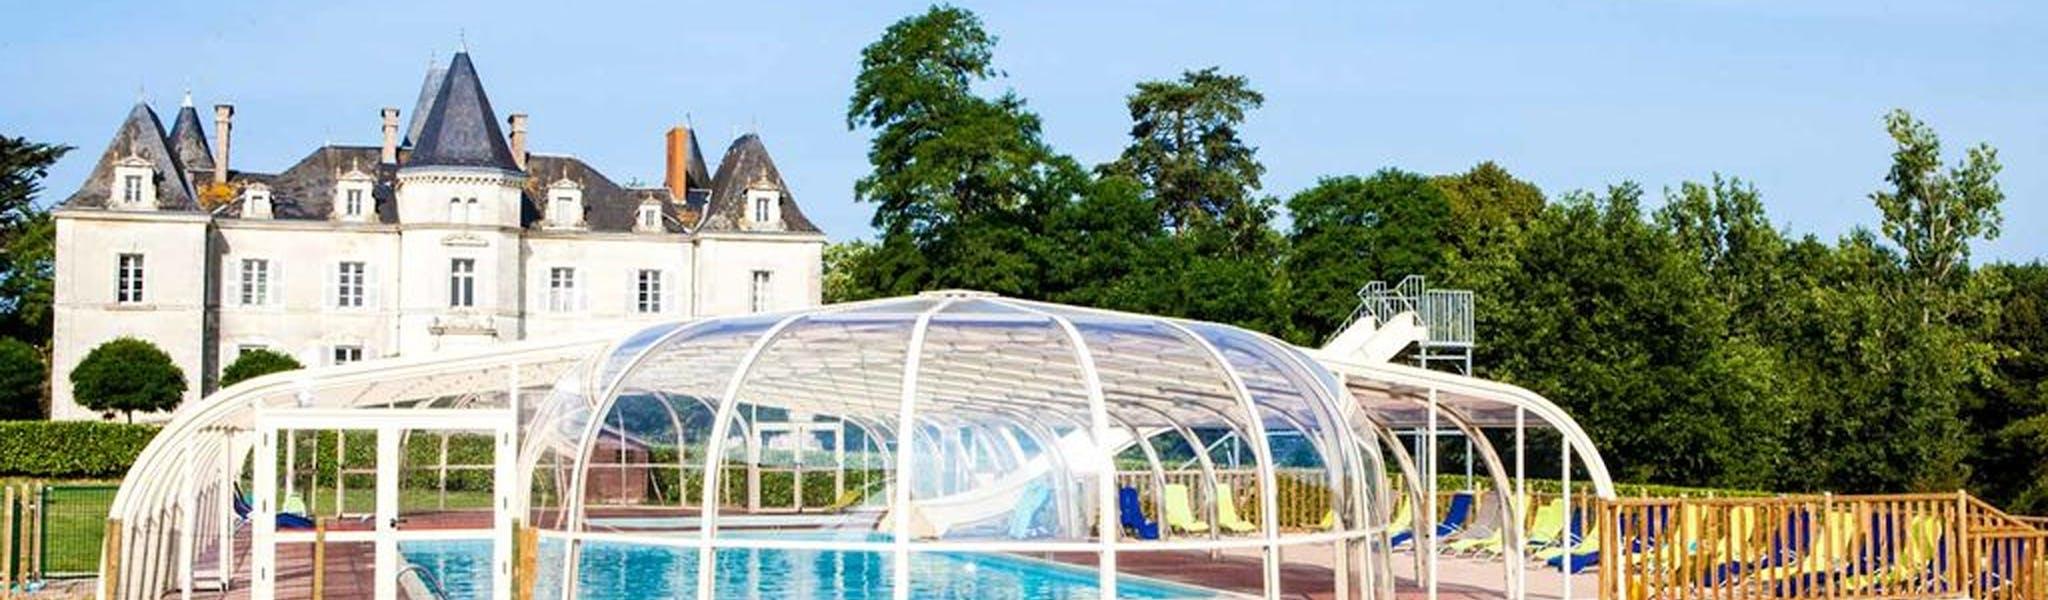 La Foret zwembad en chateau